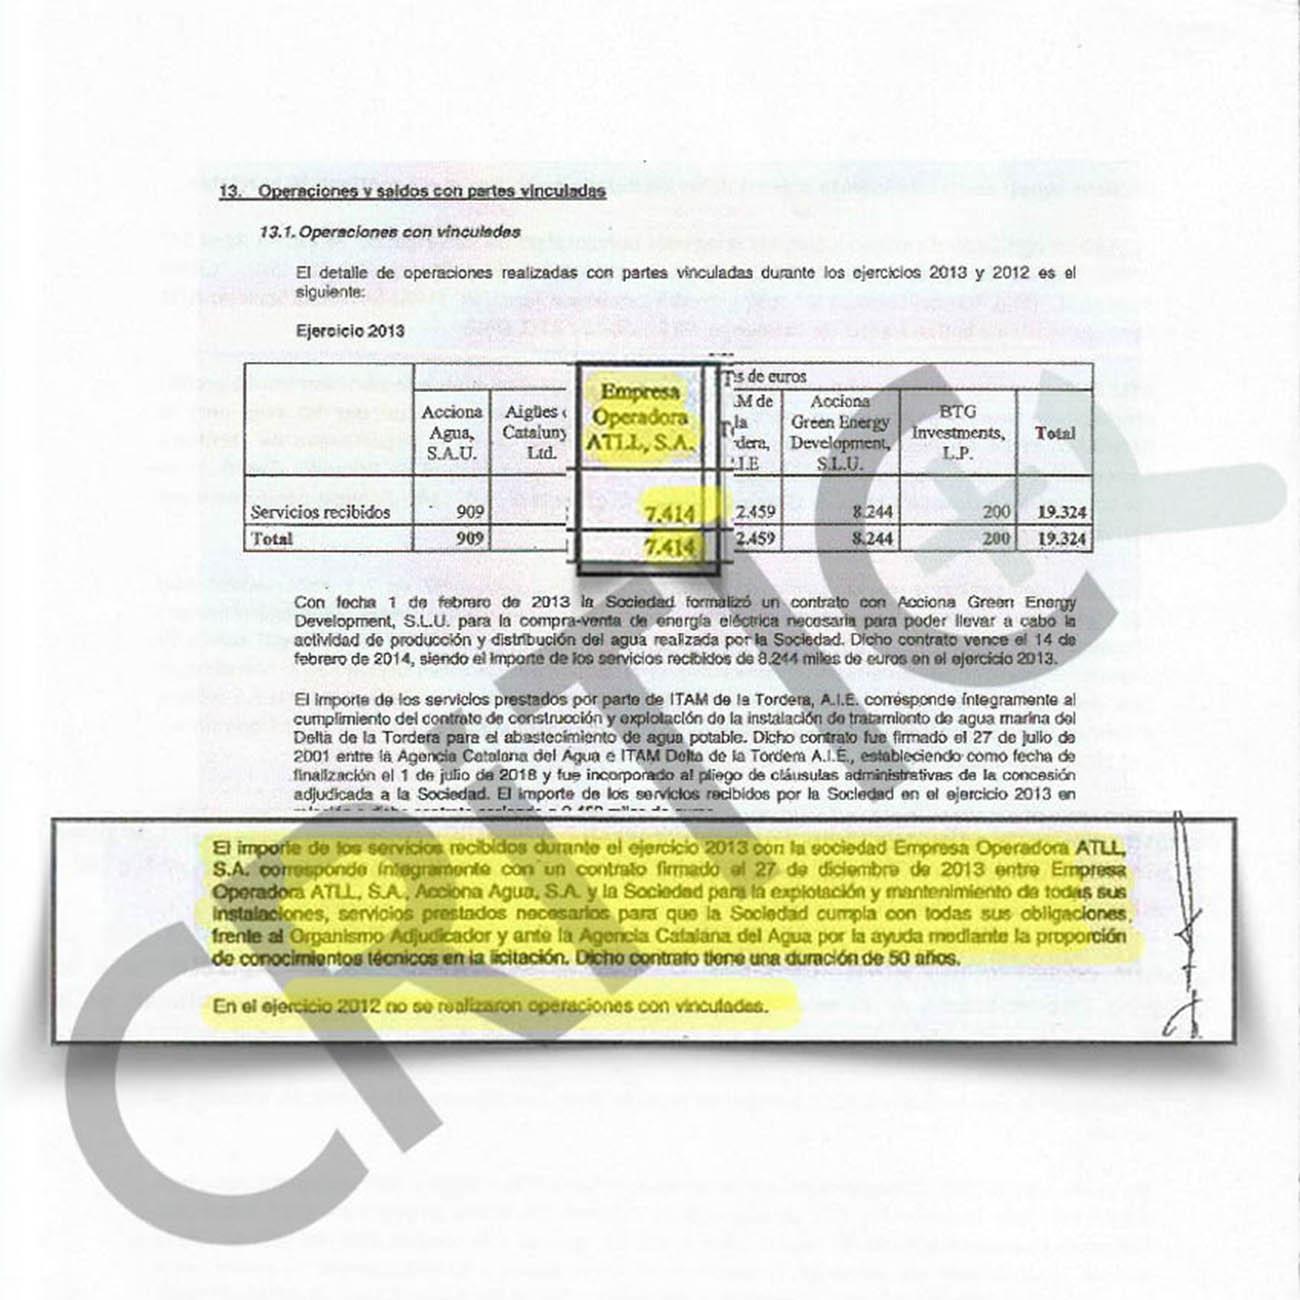 Operacions d'ATLL amb empreses vinculades a Acciona o BTG / CRÍTIC